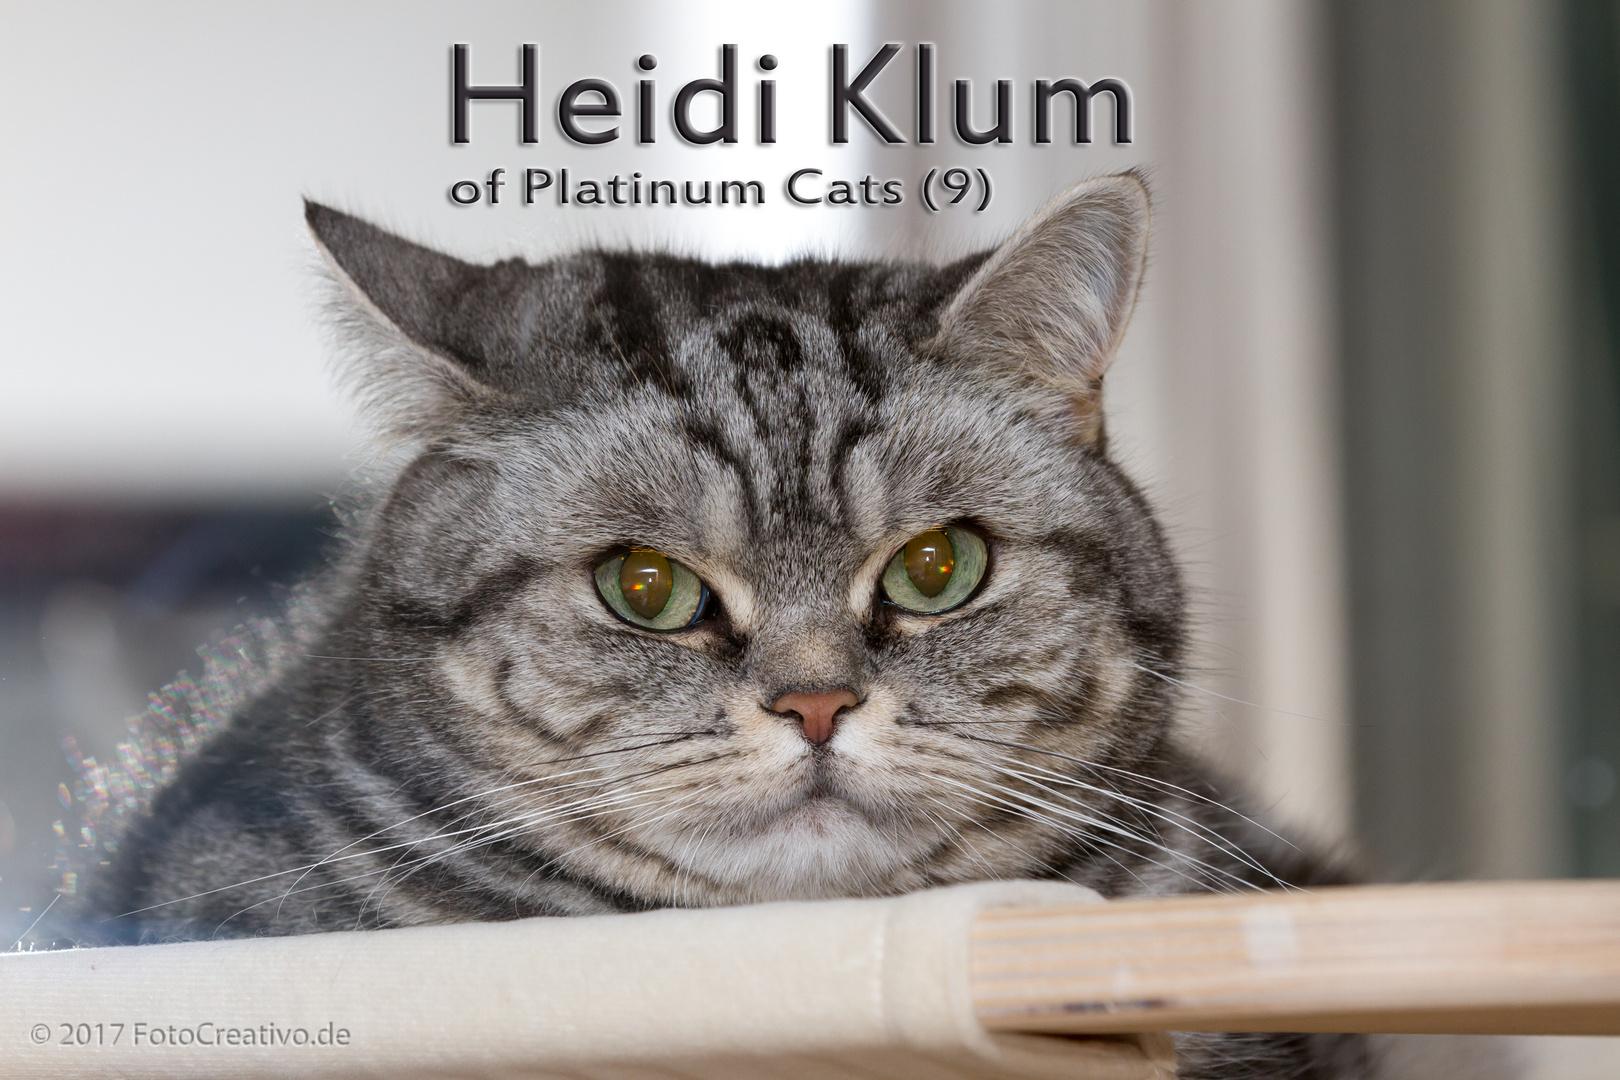 Heidi Klum of Platinum Cats